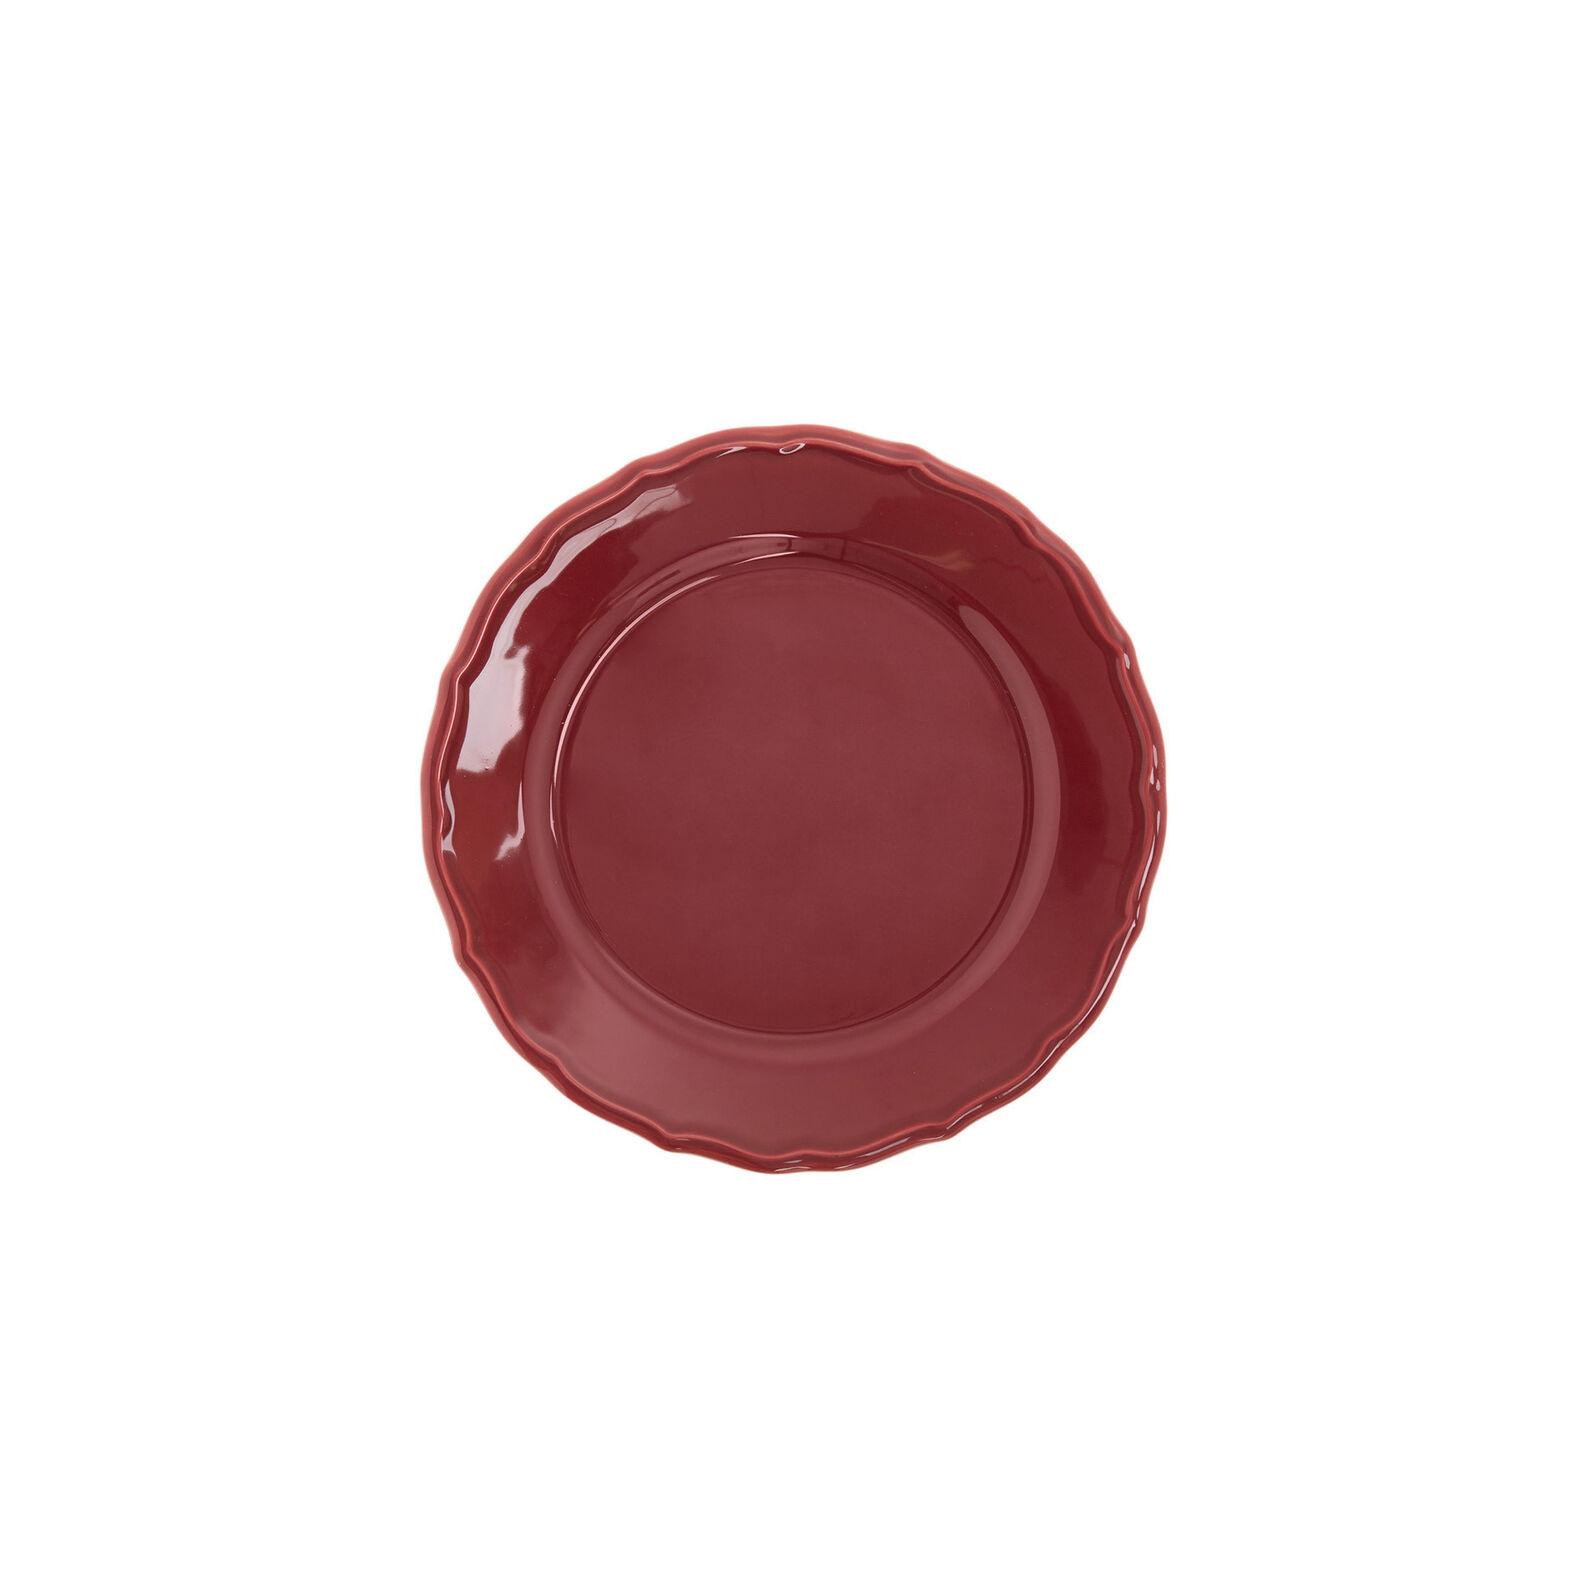 Dona Maria side plate in glazed ceramic